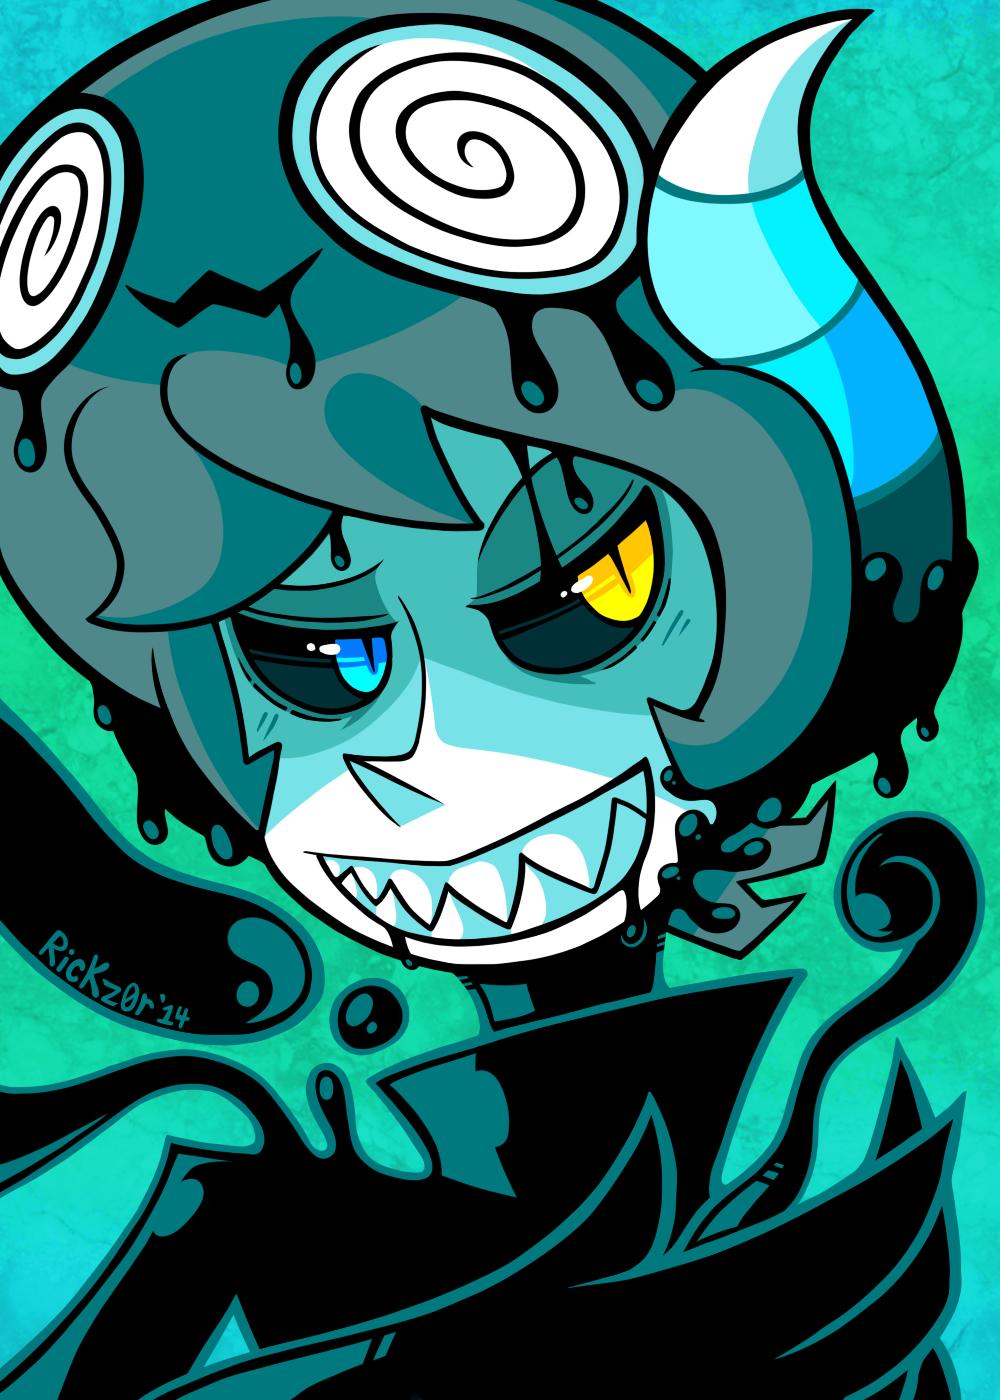 Rickz0r's Profile Picture